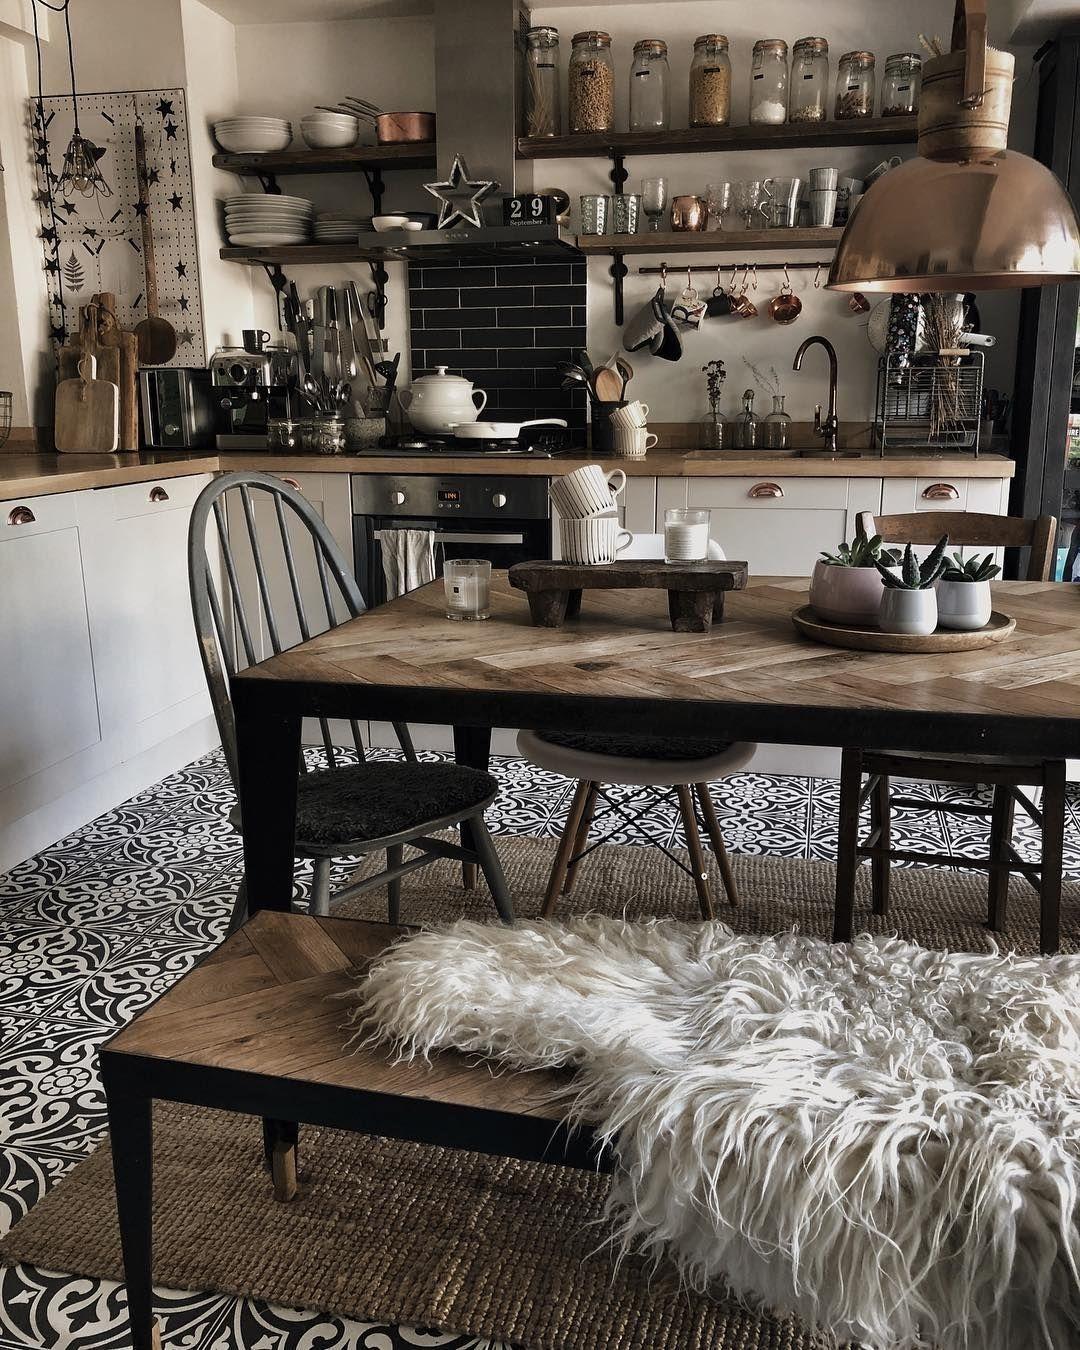 Wohnraumliebe On Instagram Oder Hygge For Home Folge Uns Wohnraumliebe C Hygge For Home Wohnideen Wohnung Kuche Haus Kuchen Kuchen Design